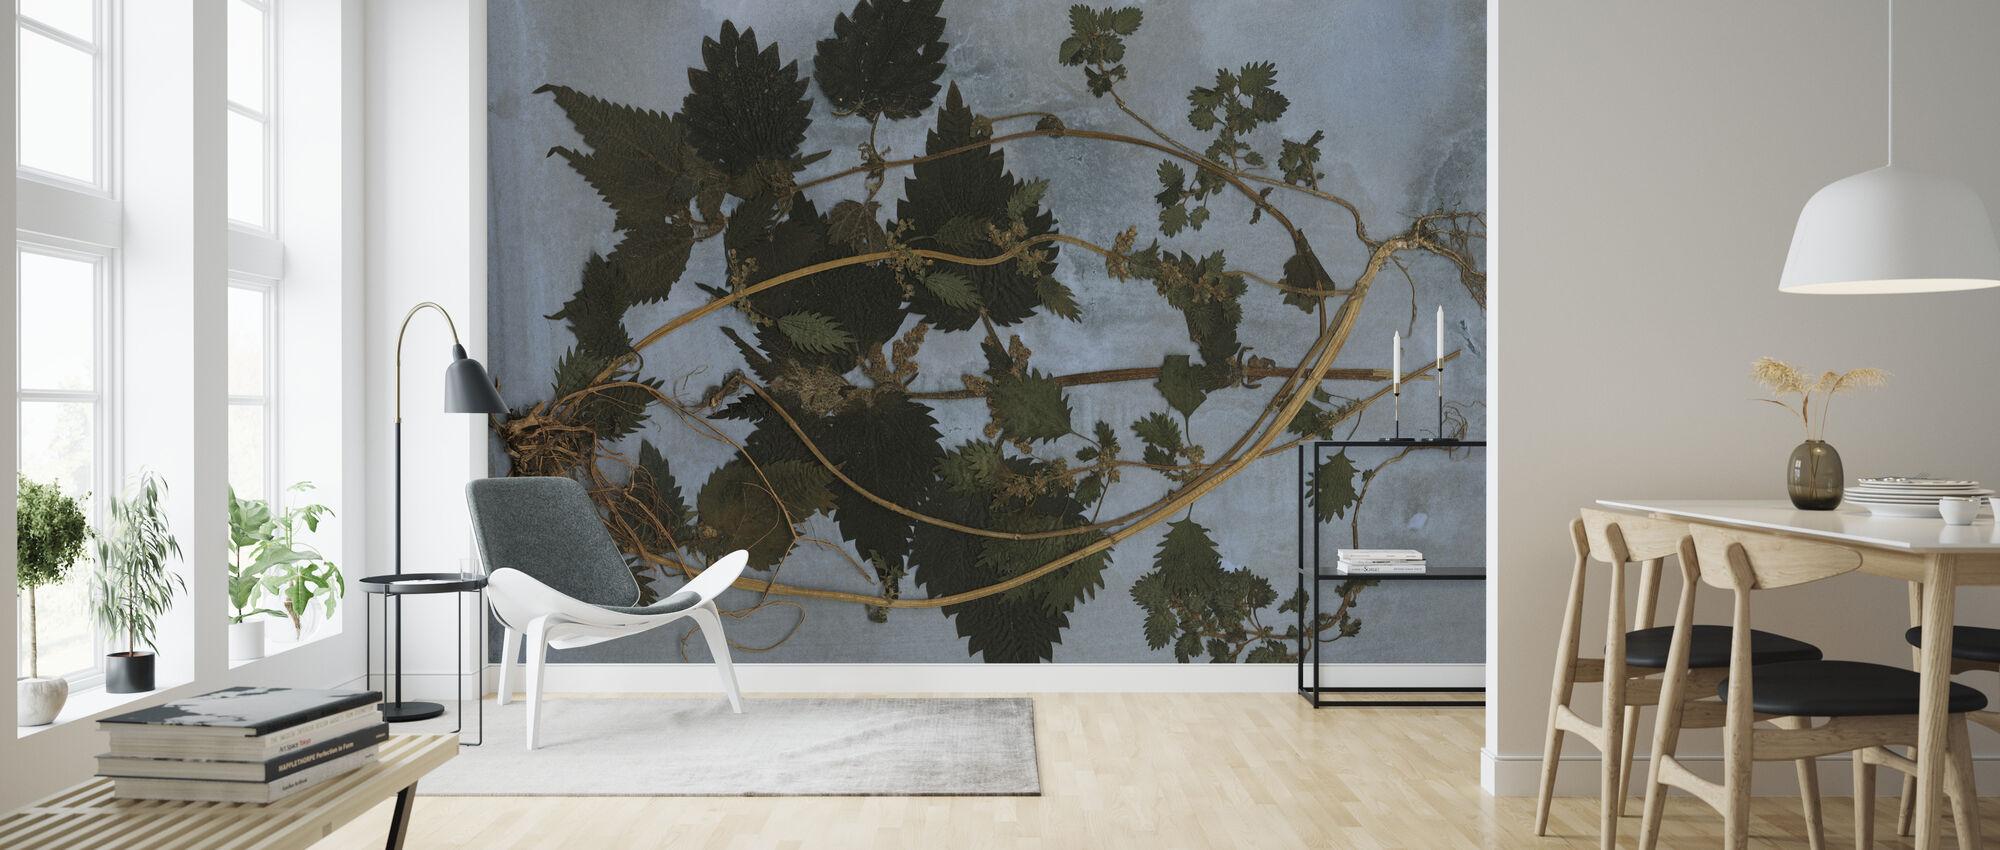 Nettles - Wallpaper - Living Room